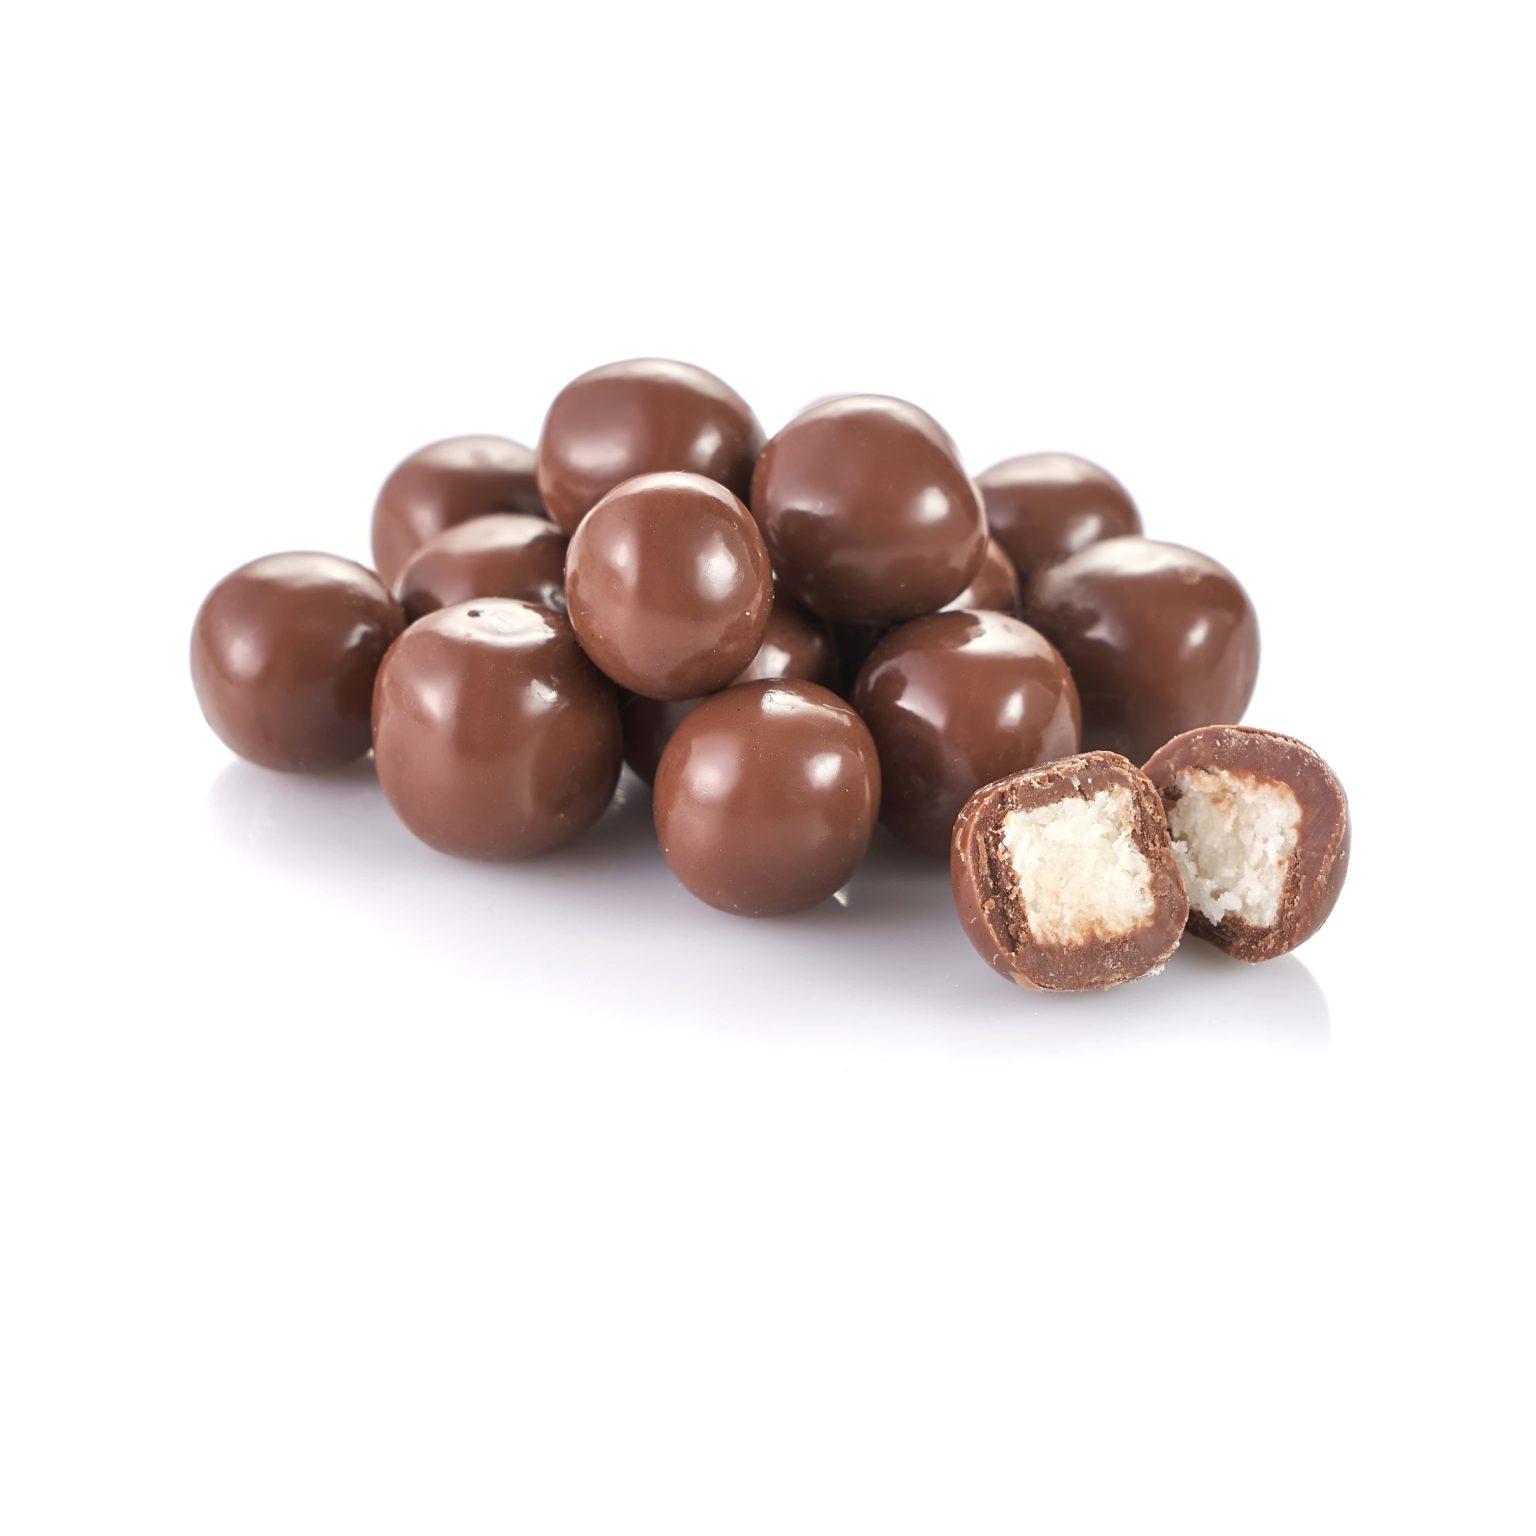 Драже кокос в молочном шоколаде